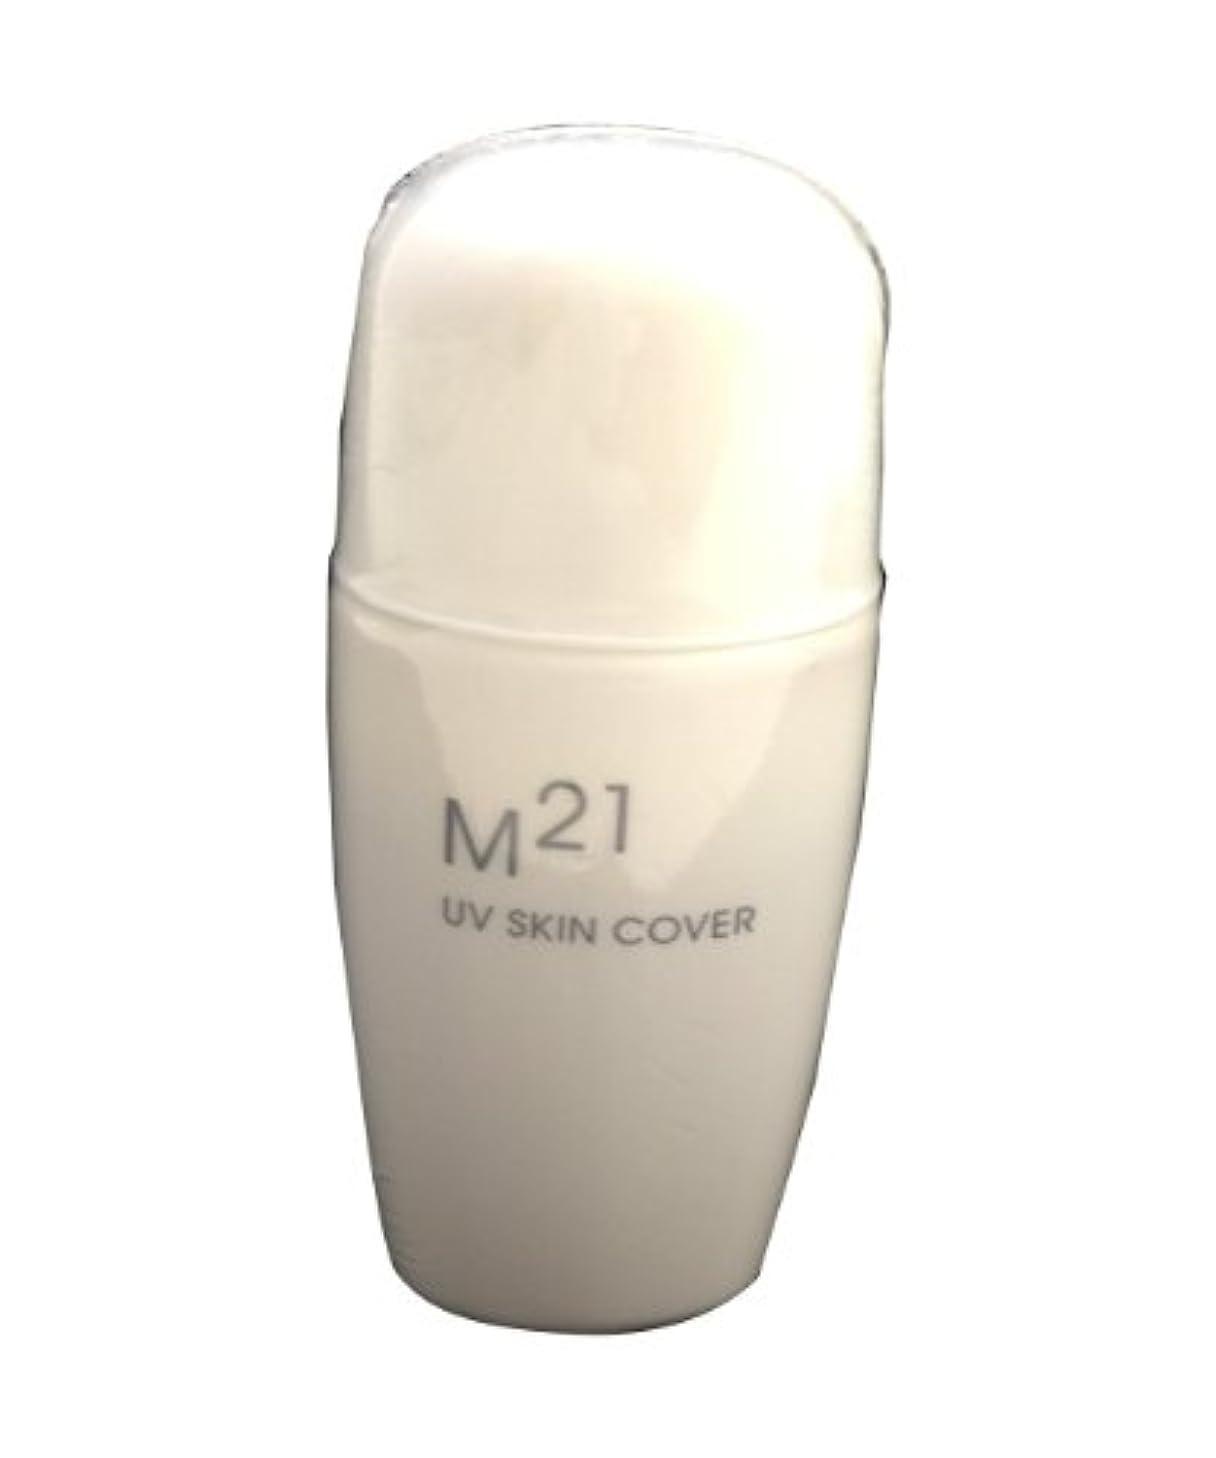 マウントバンク非難する慣らすM21UVスキンカバー 自然化粧品M21